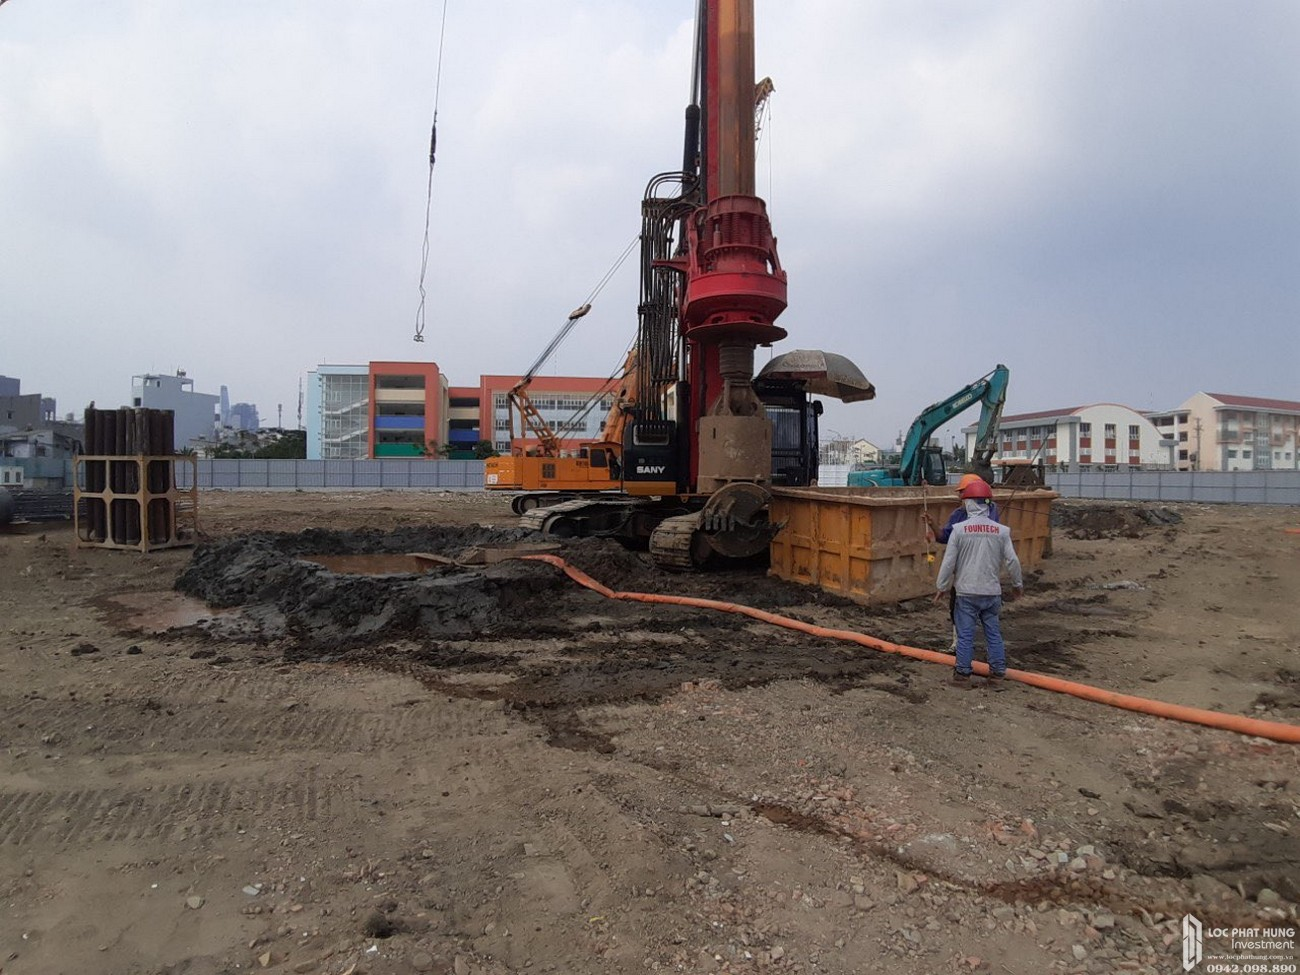 Tiến độ xây dựng dự án căn hộ Sunshine Horizon Quận 4 tháng 03/2020